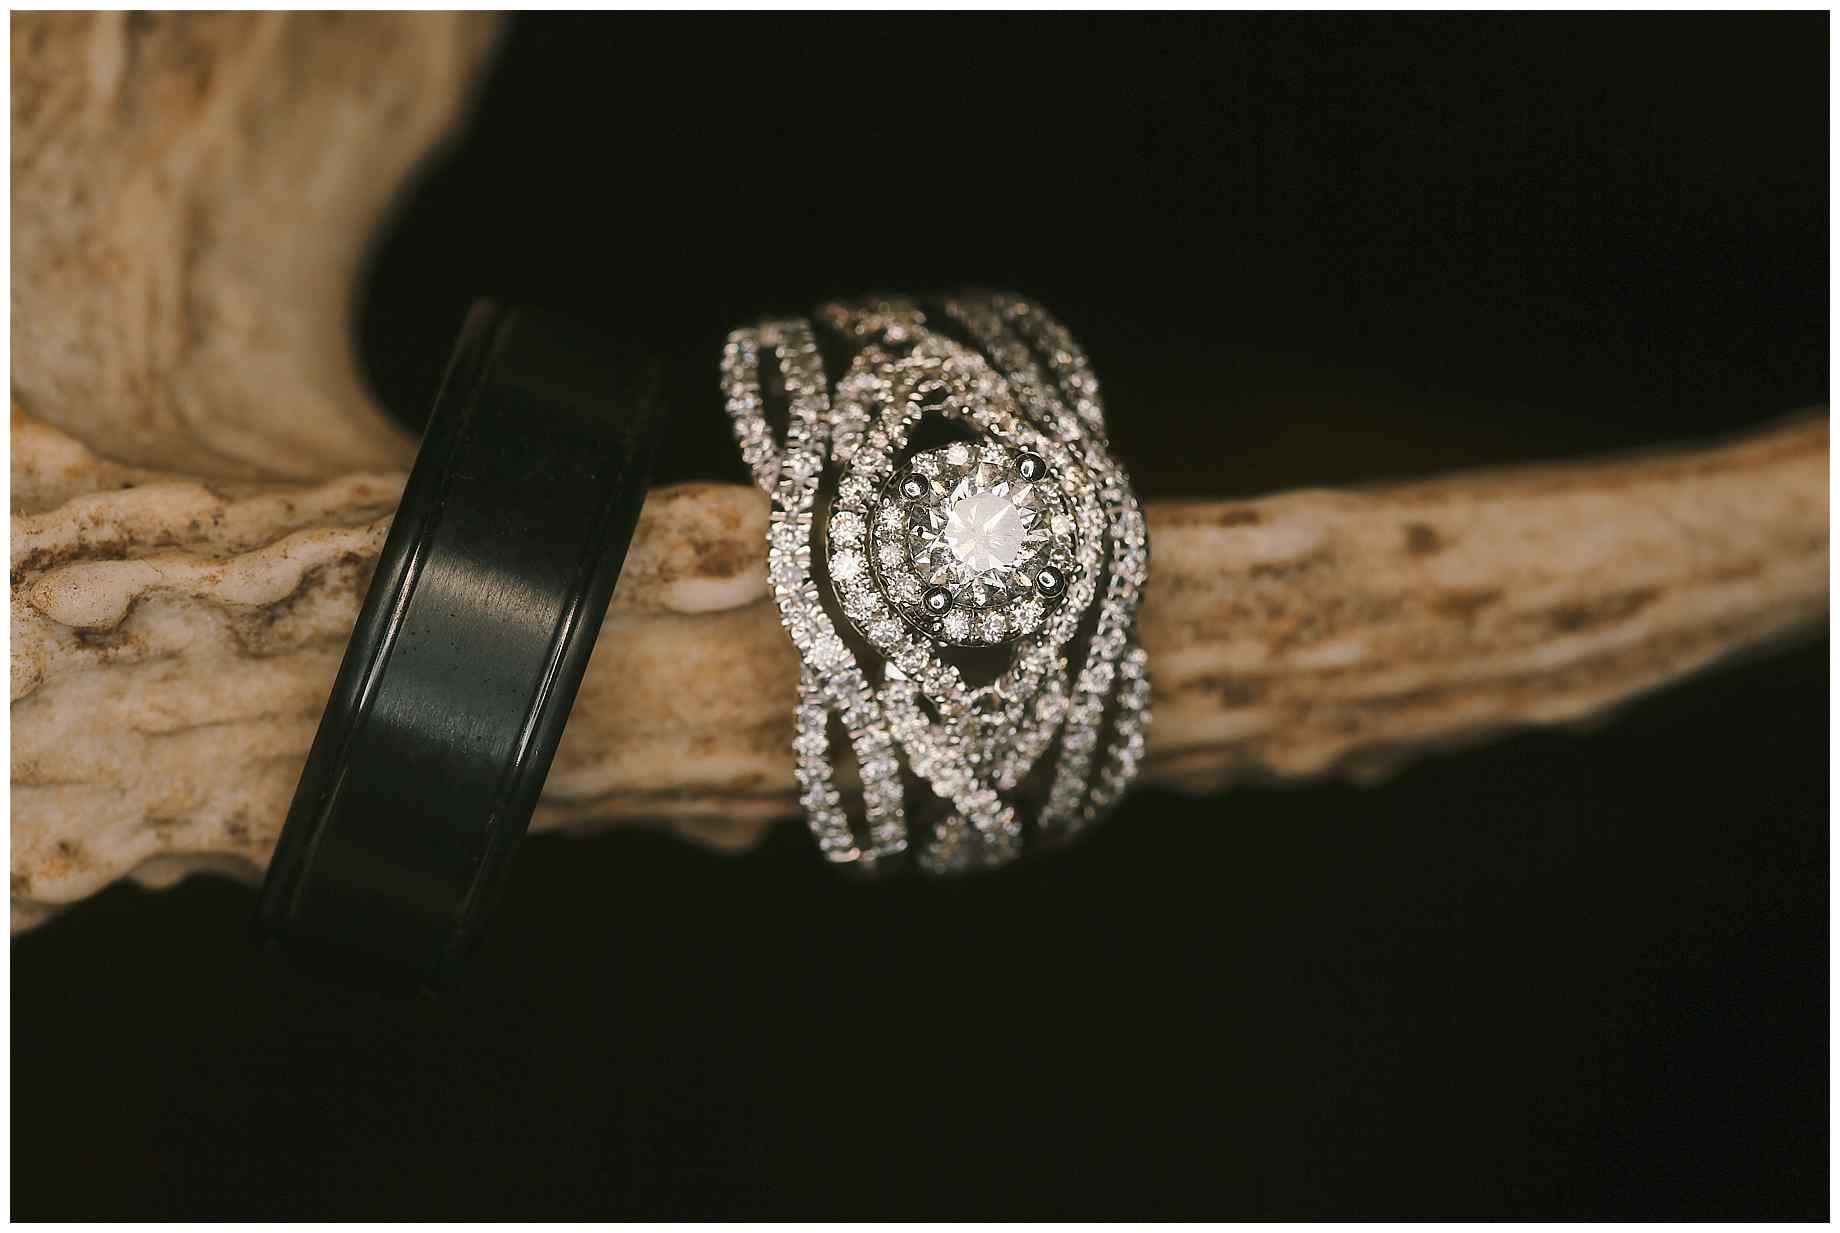 top-10-wedding-ring-photos-of-2015-006